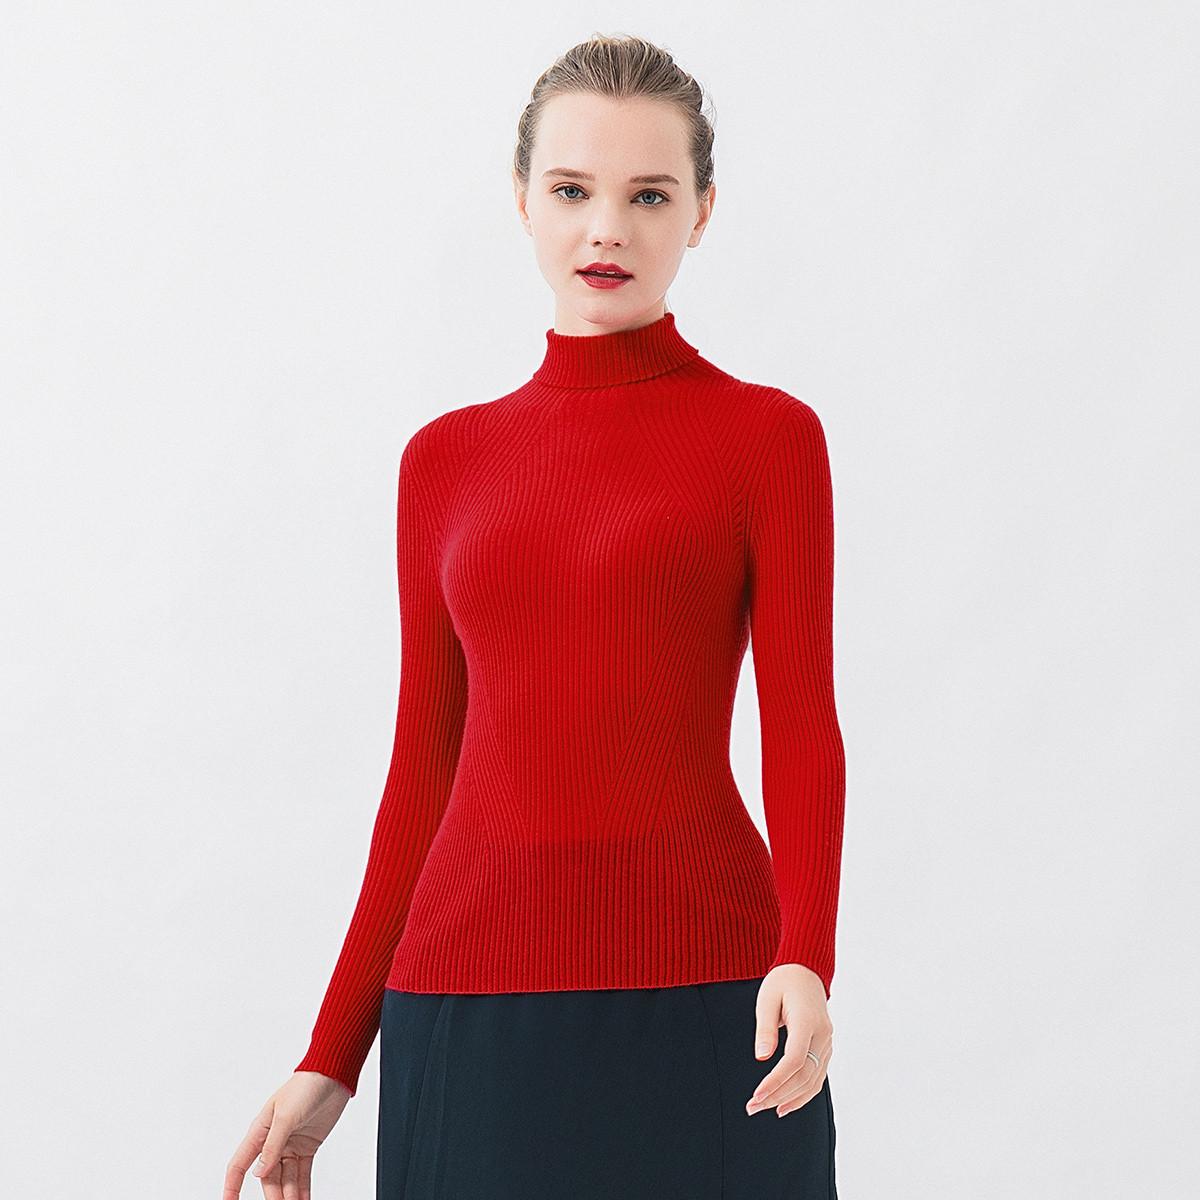 维欧艾VOA纯羊绒显瘦无缝移针60支精纺女高领长袖凹凸条修身高弹套衫RL112868